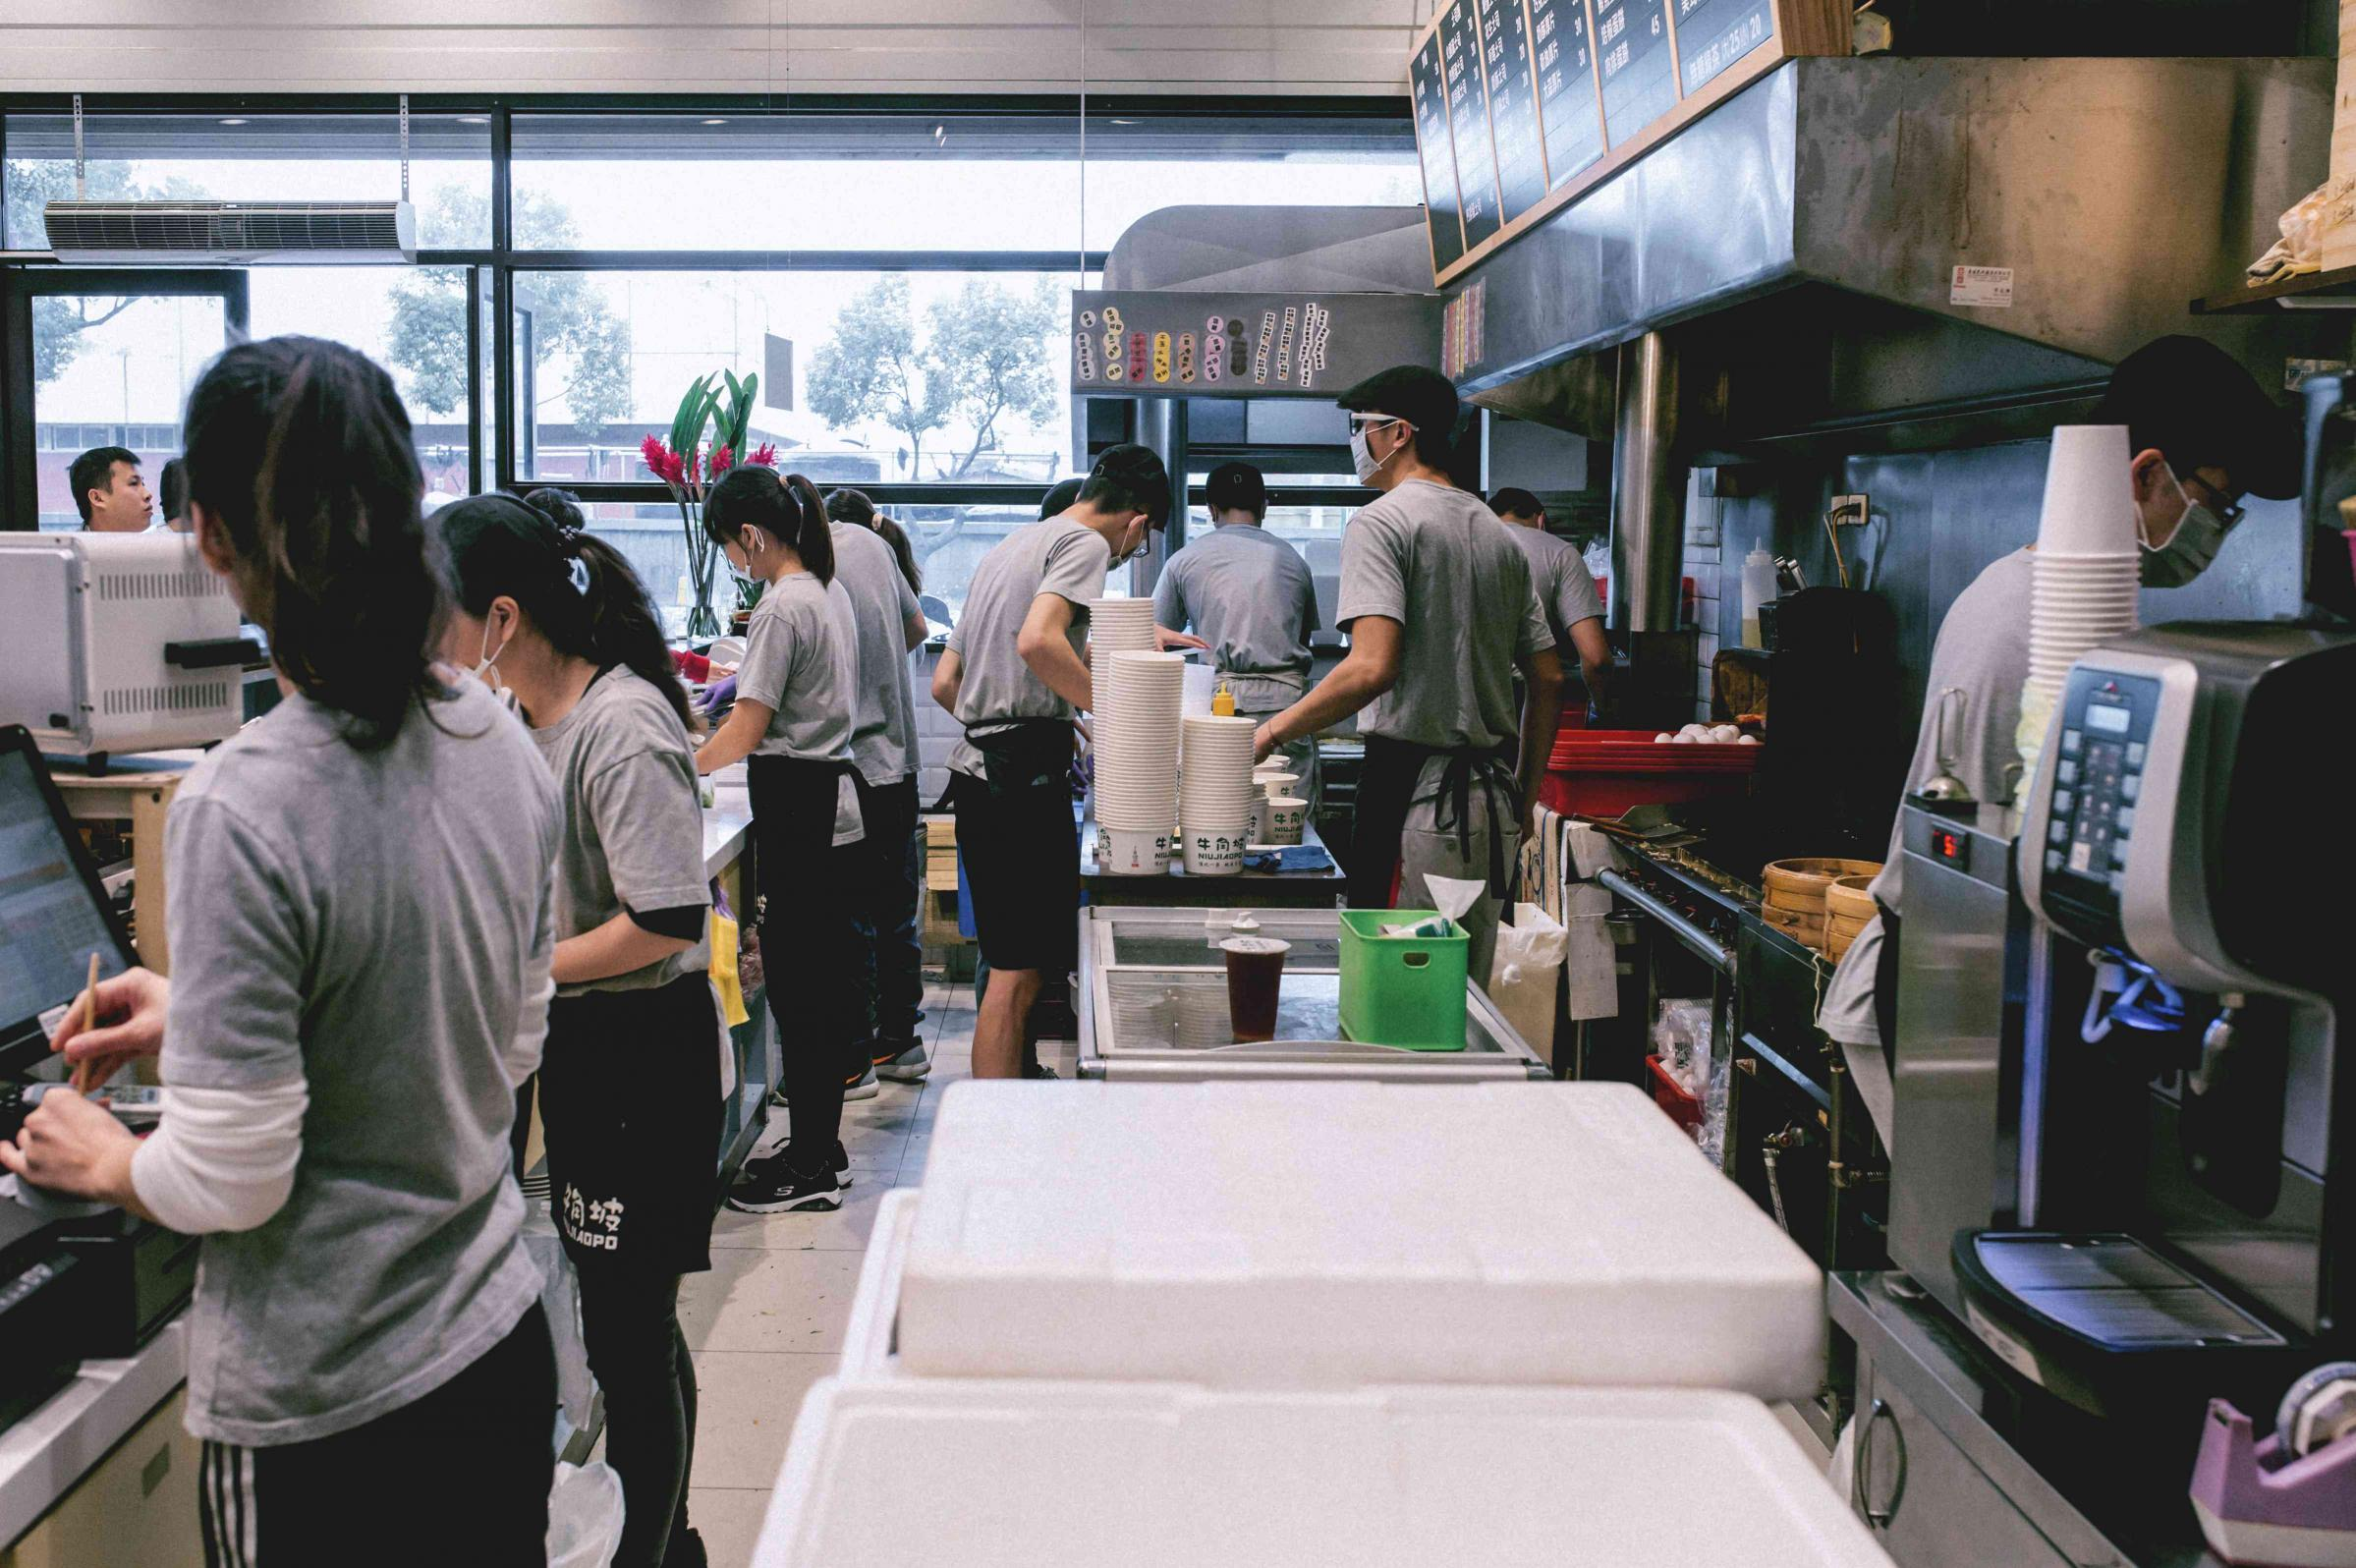 牛角坡早餐店計時服務人員